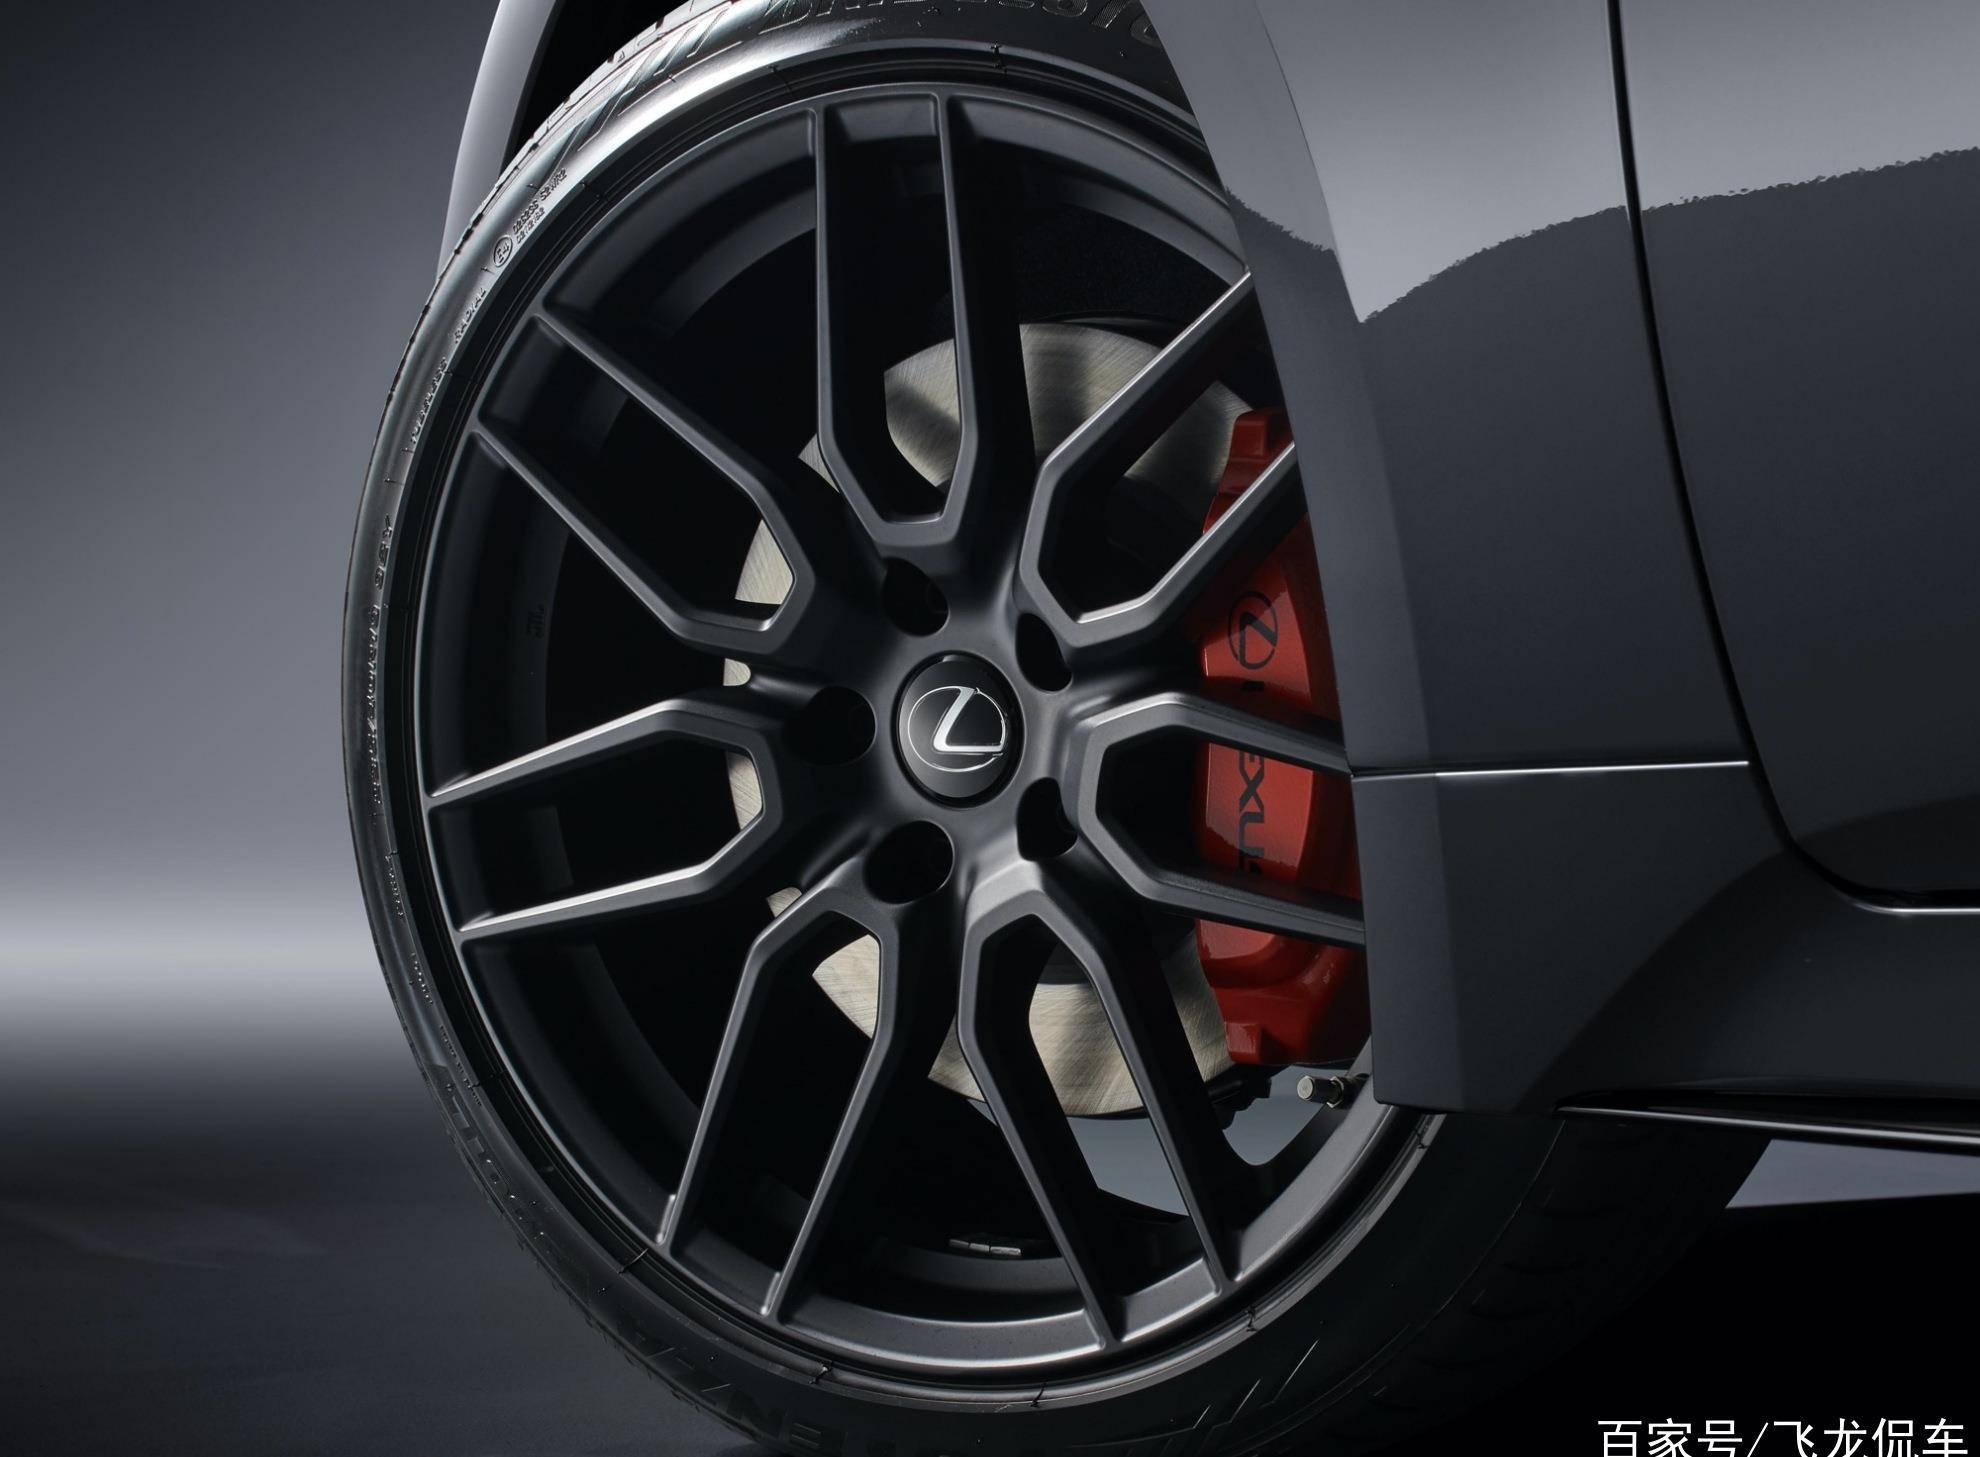 最初的maverick coupe配备了V6双增压发动机,节气门420马力,价值很高